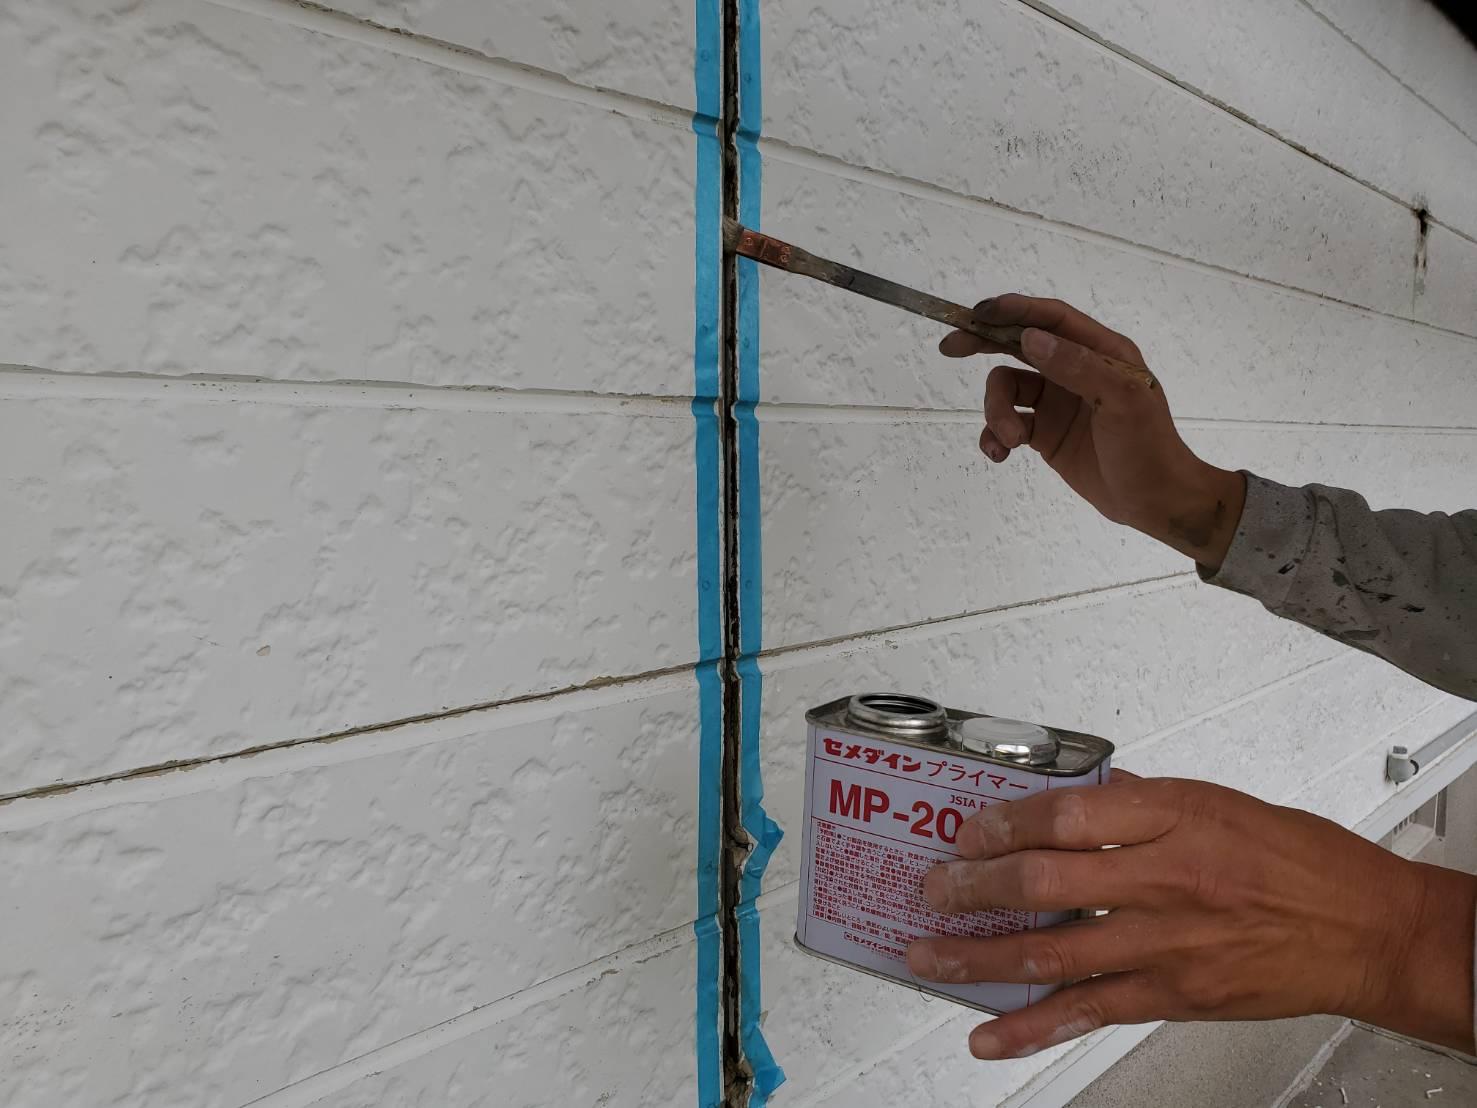 佐賀市 外壁塗装 塗装 ひろし 屋根塗装 コーキングプライマー プライマー